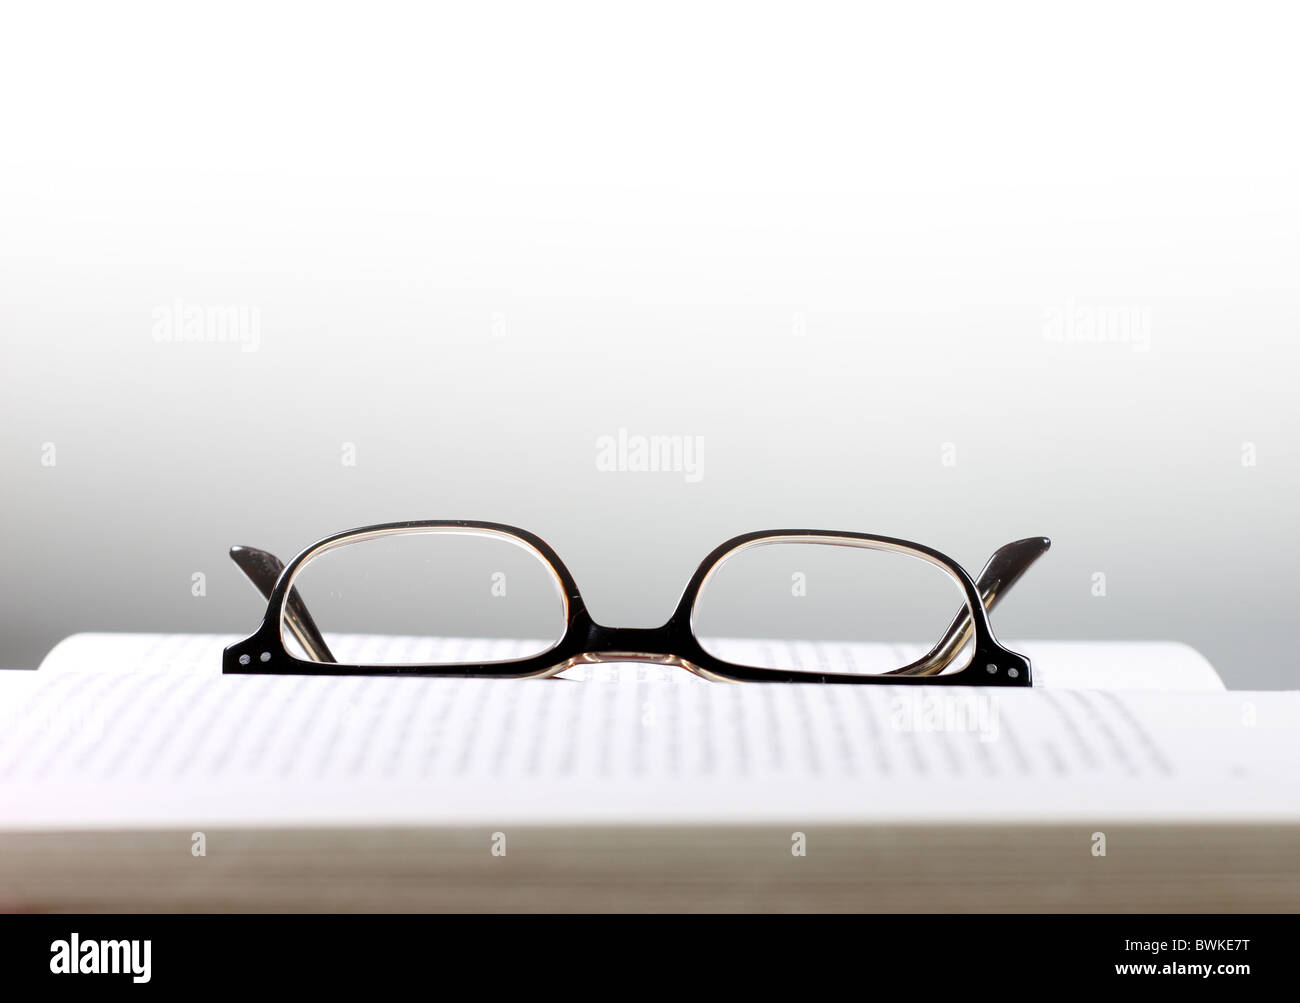 Groß Gerahmte Brille Bilder - Benutzerdefinierte Bilderrahmen Ideen ...